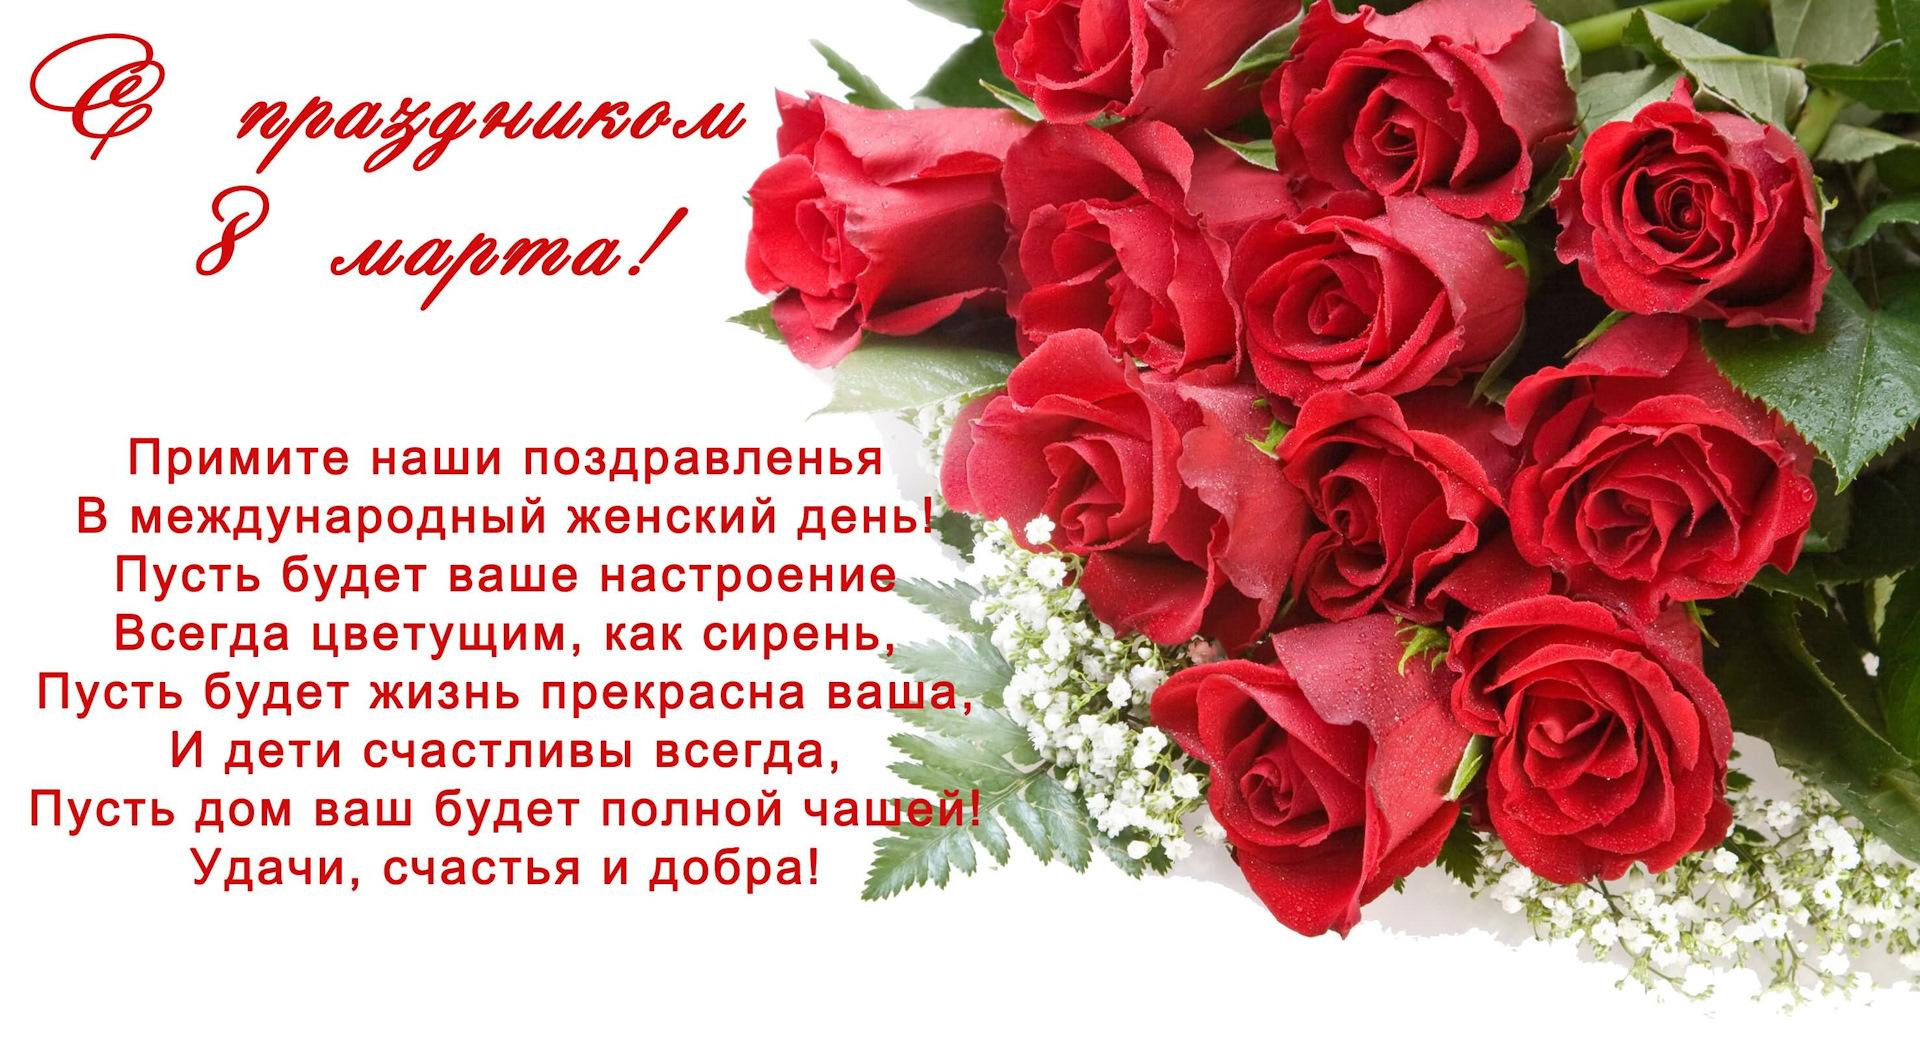 самые лучшие и красивые поздравления к праздникам славянских оберегов